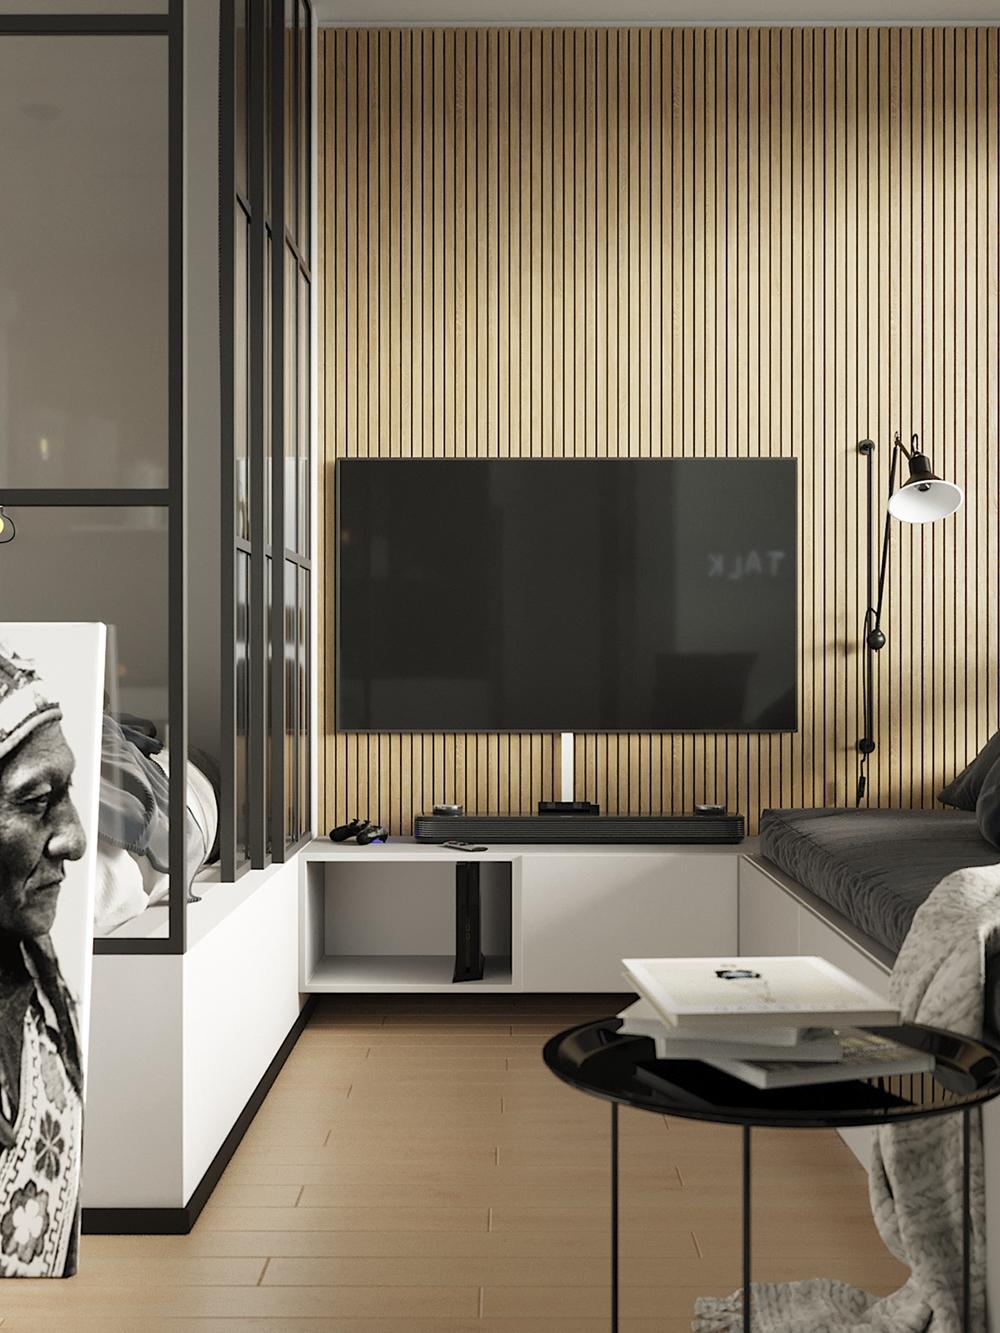 背景墙基础色调采用圆弧暮色, 挂式电视机点缀凸显强烈的艺术感。